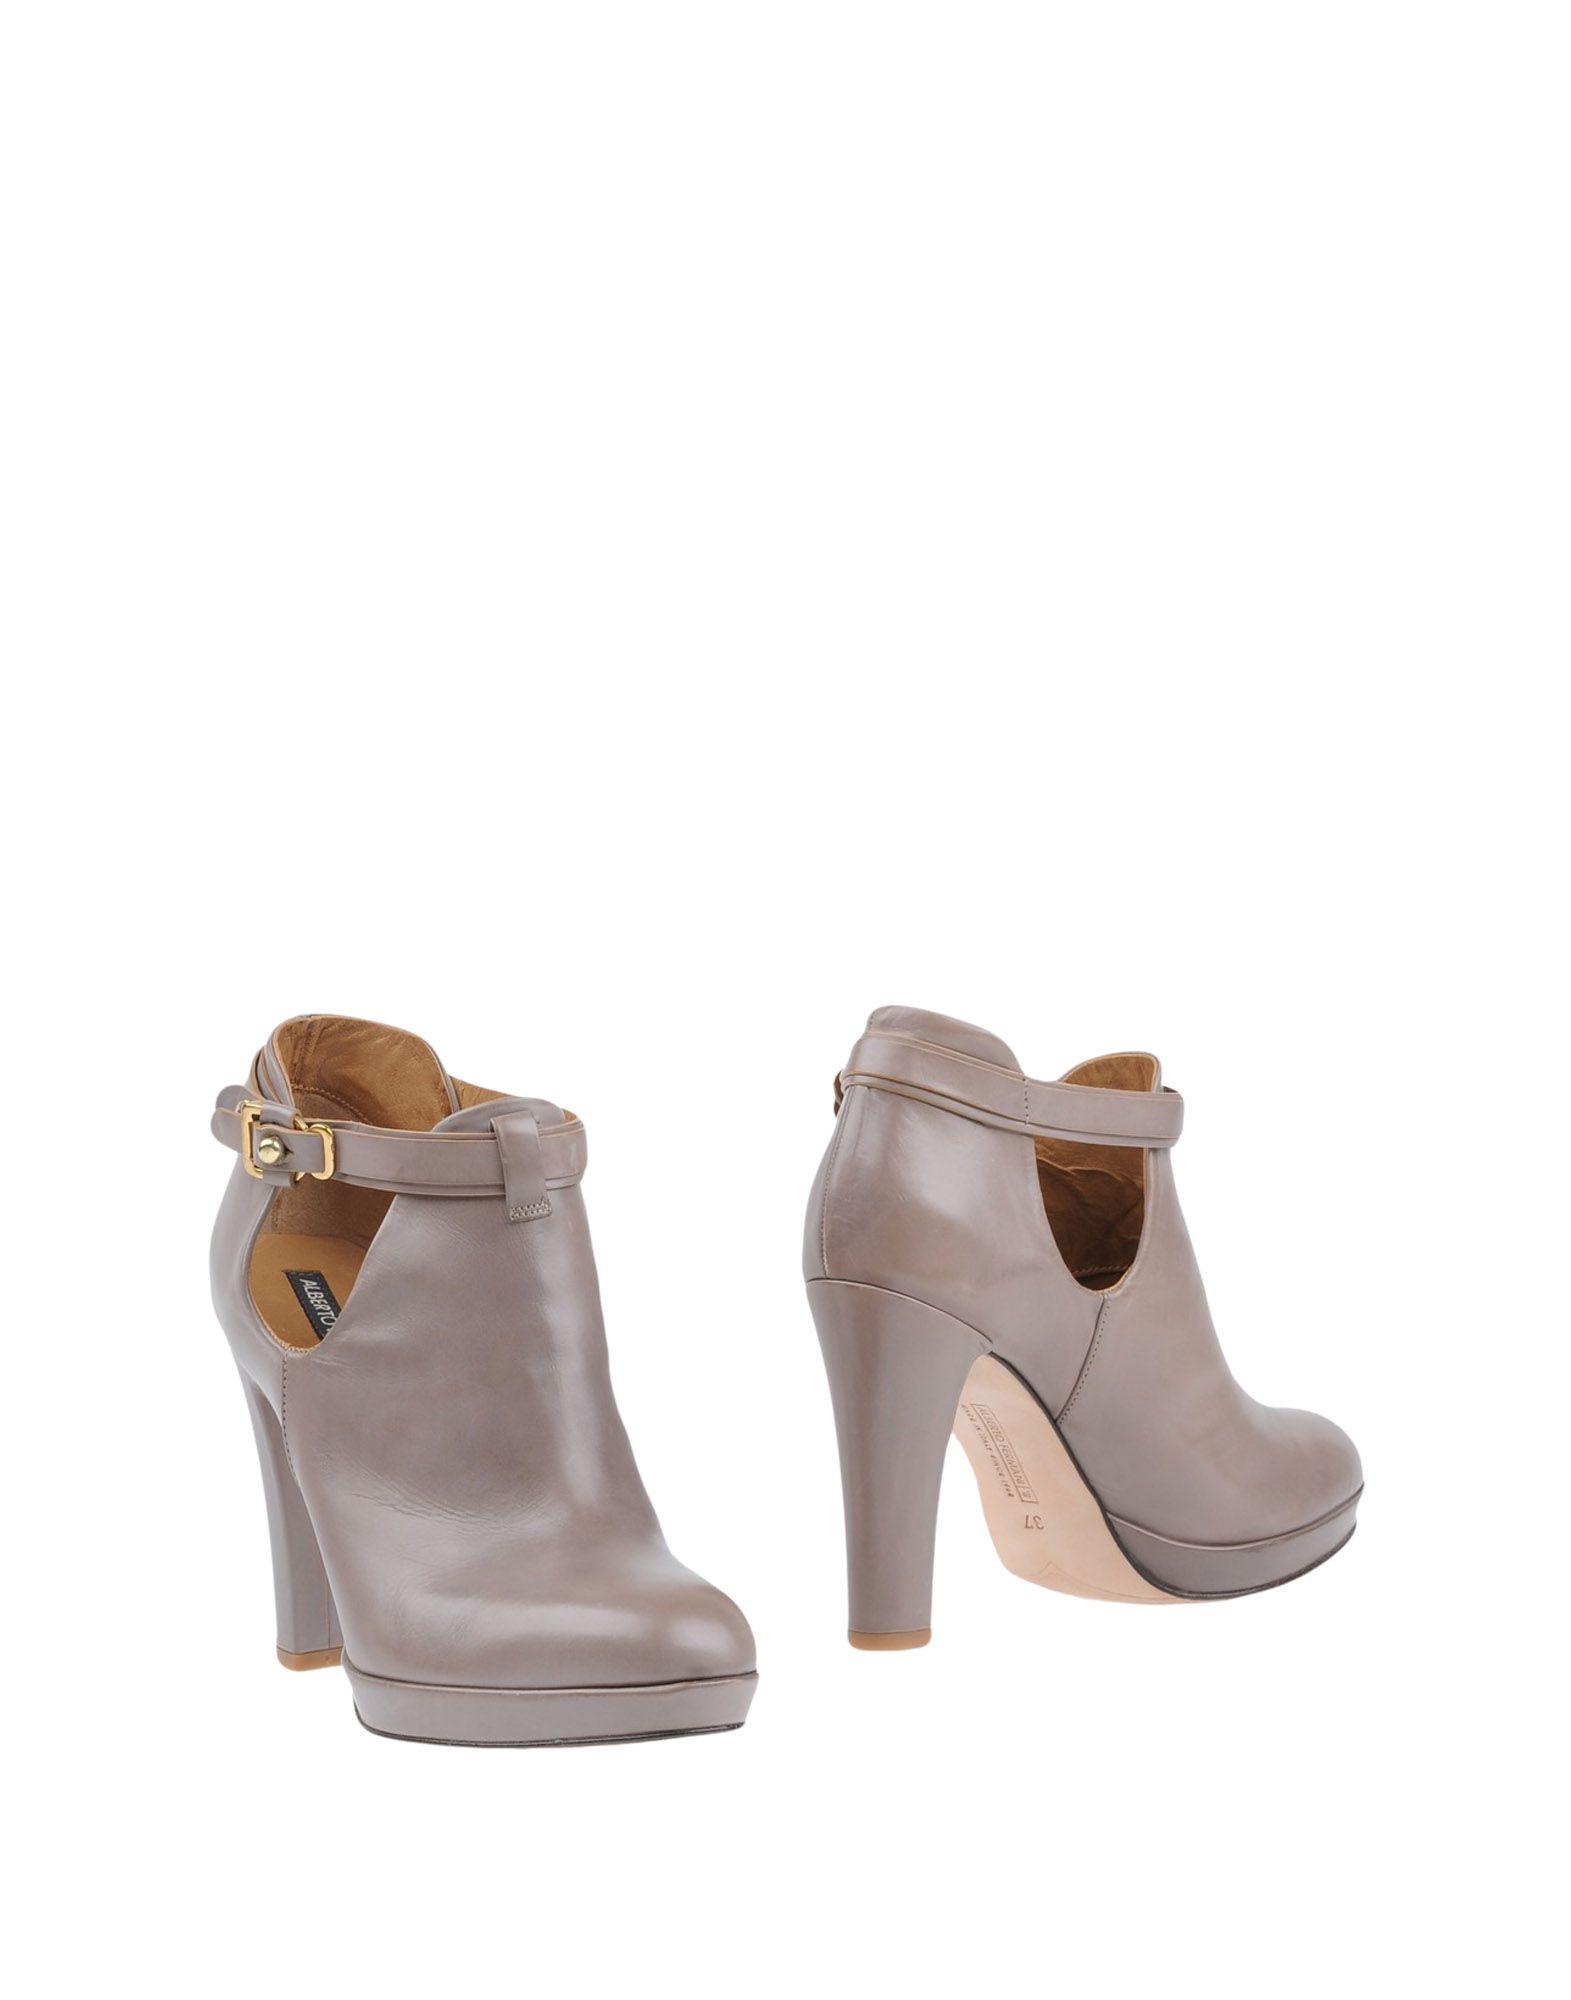 Gut um billige Schuhe zu  tragenAlberto Fermani Stiefelette Damen  zu 11293773SU 1f67f0